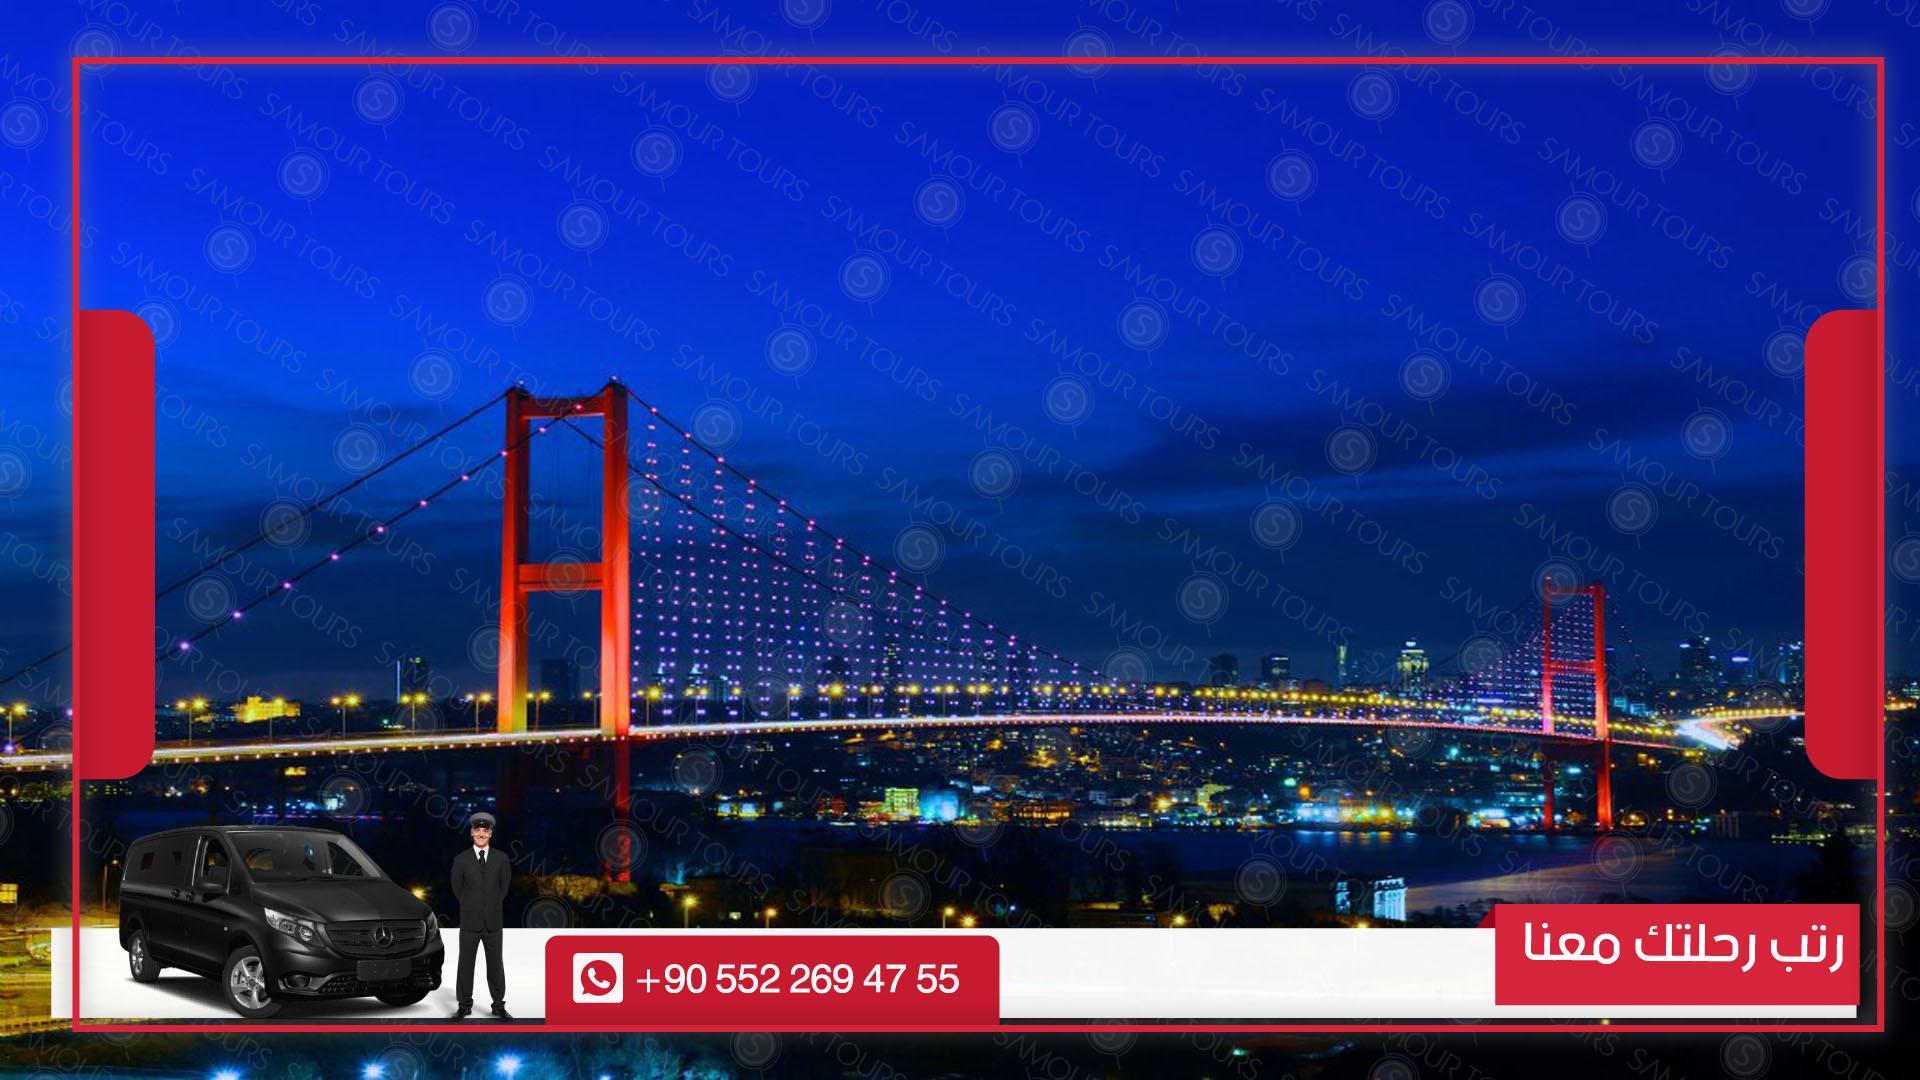 جسر البوسفور